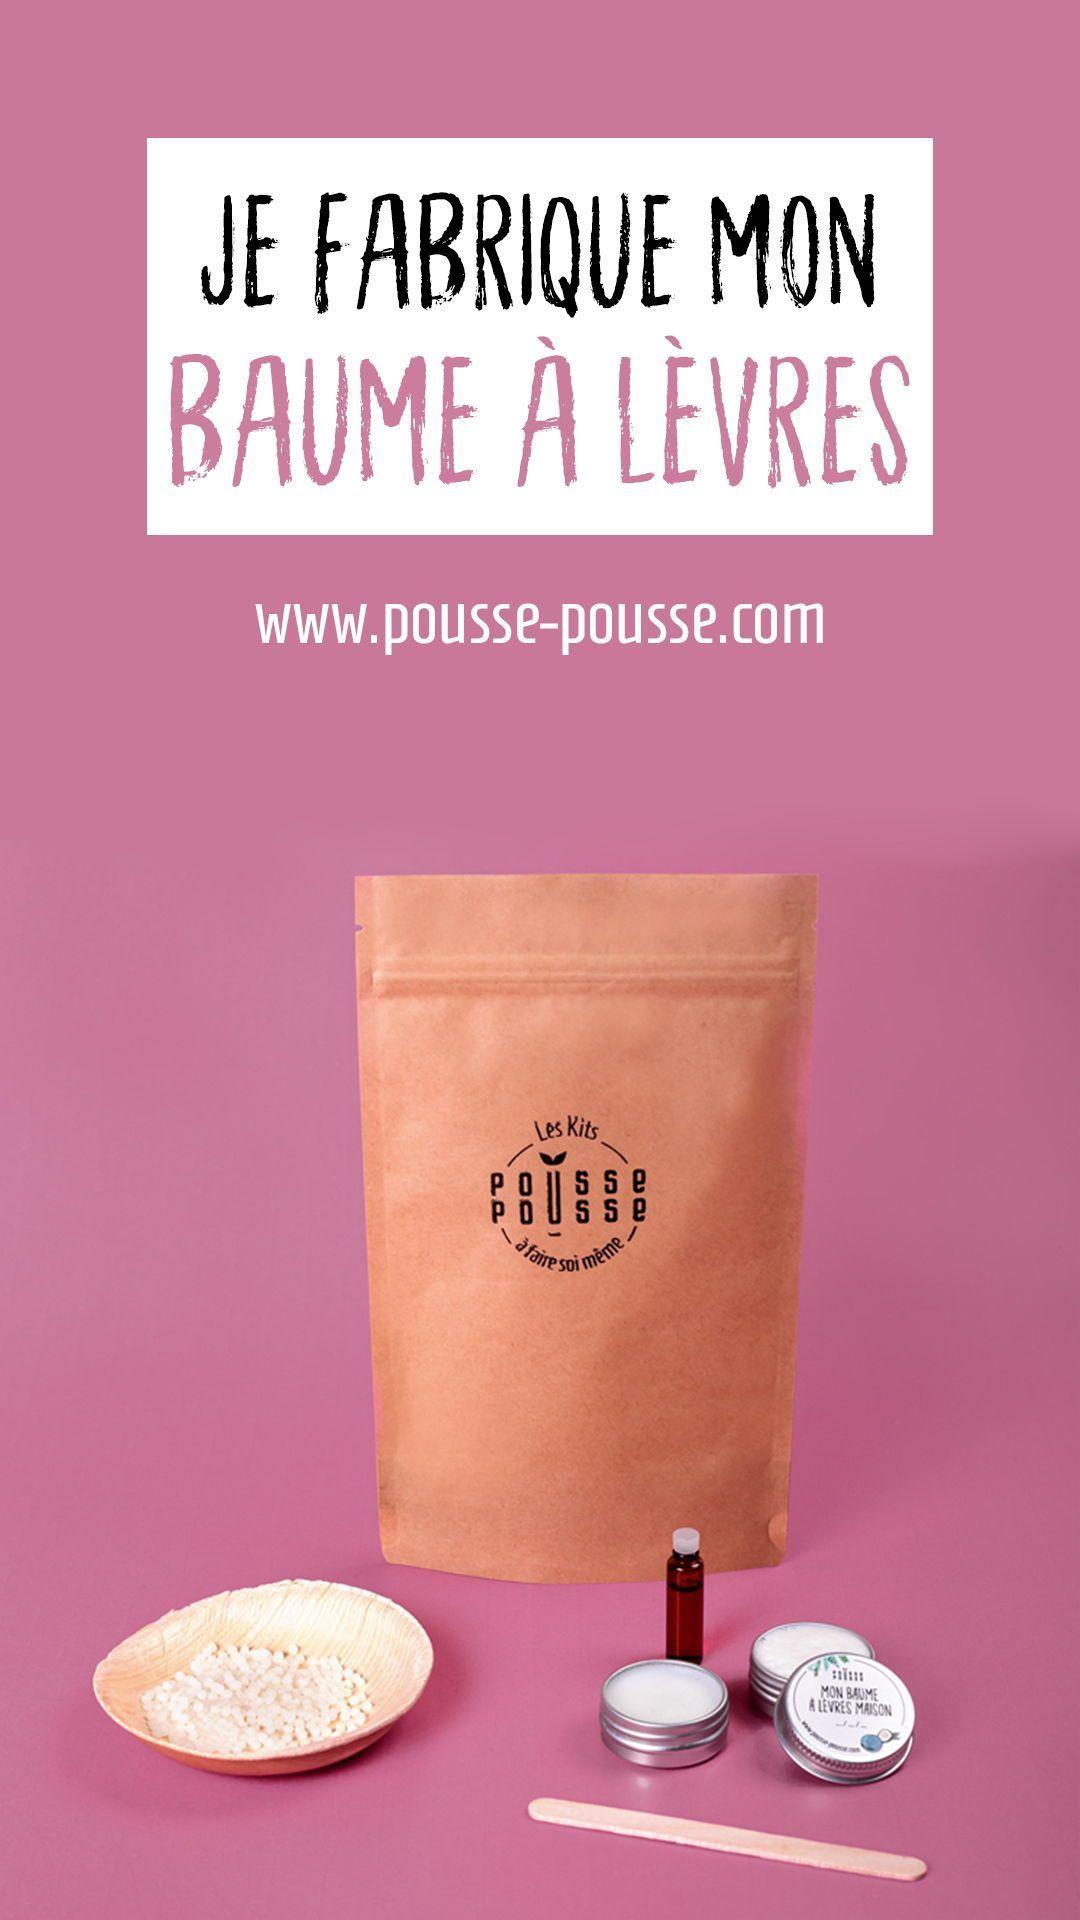 Diy Zéro Déchet Mon Baume à Lèvres Maison Baume à Lèvres Baume à Lèvres Maison Produit Désinfectant